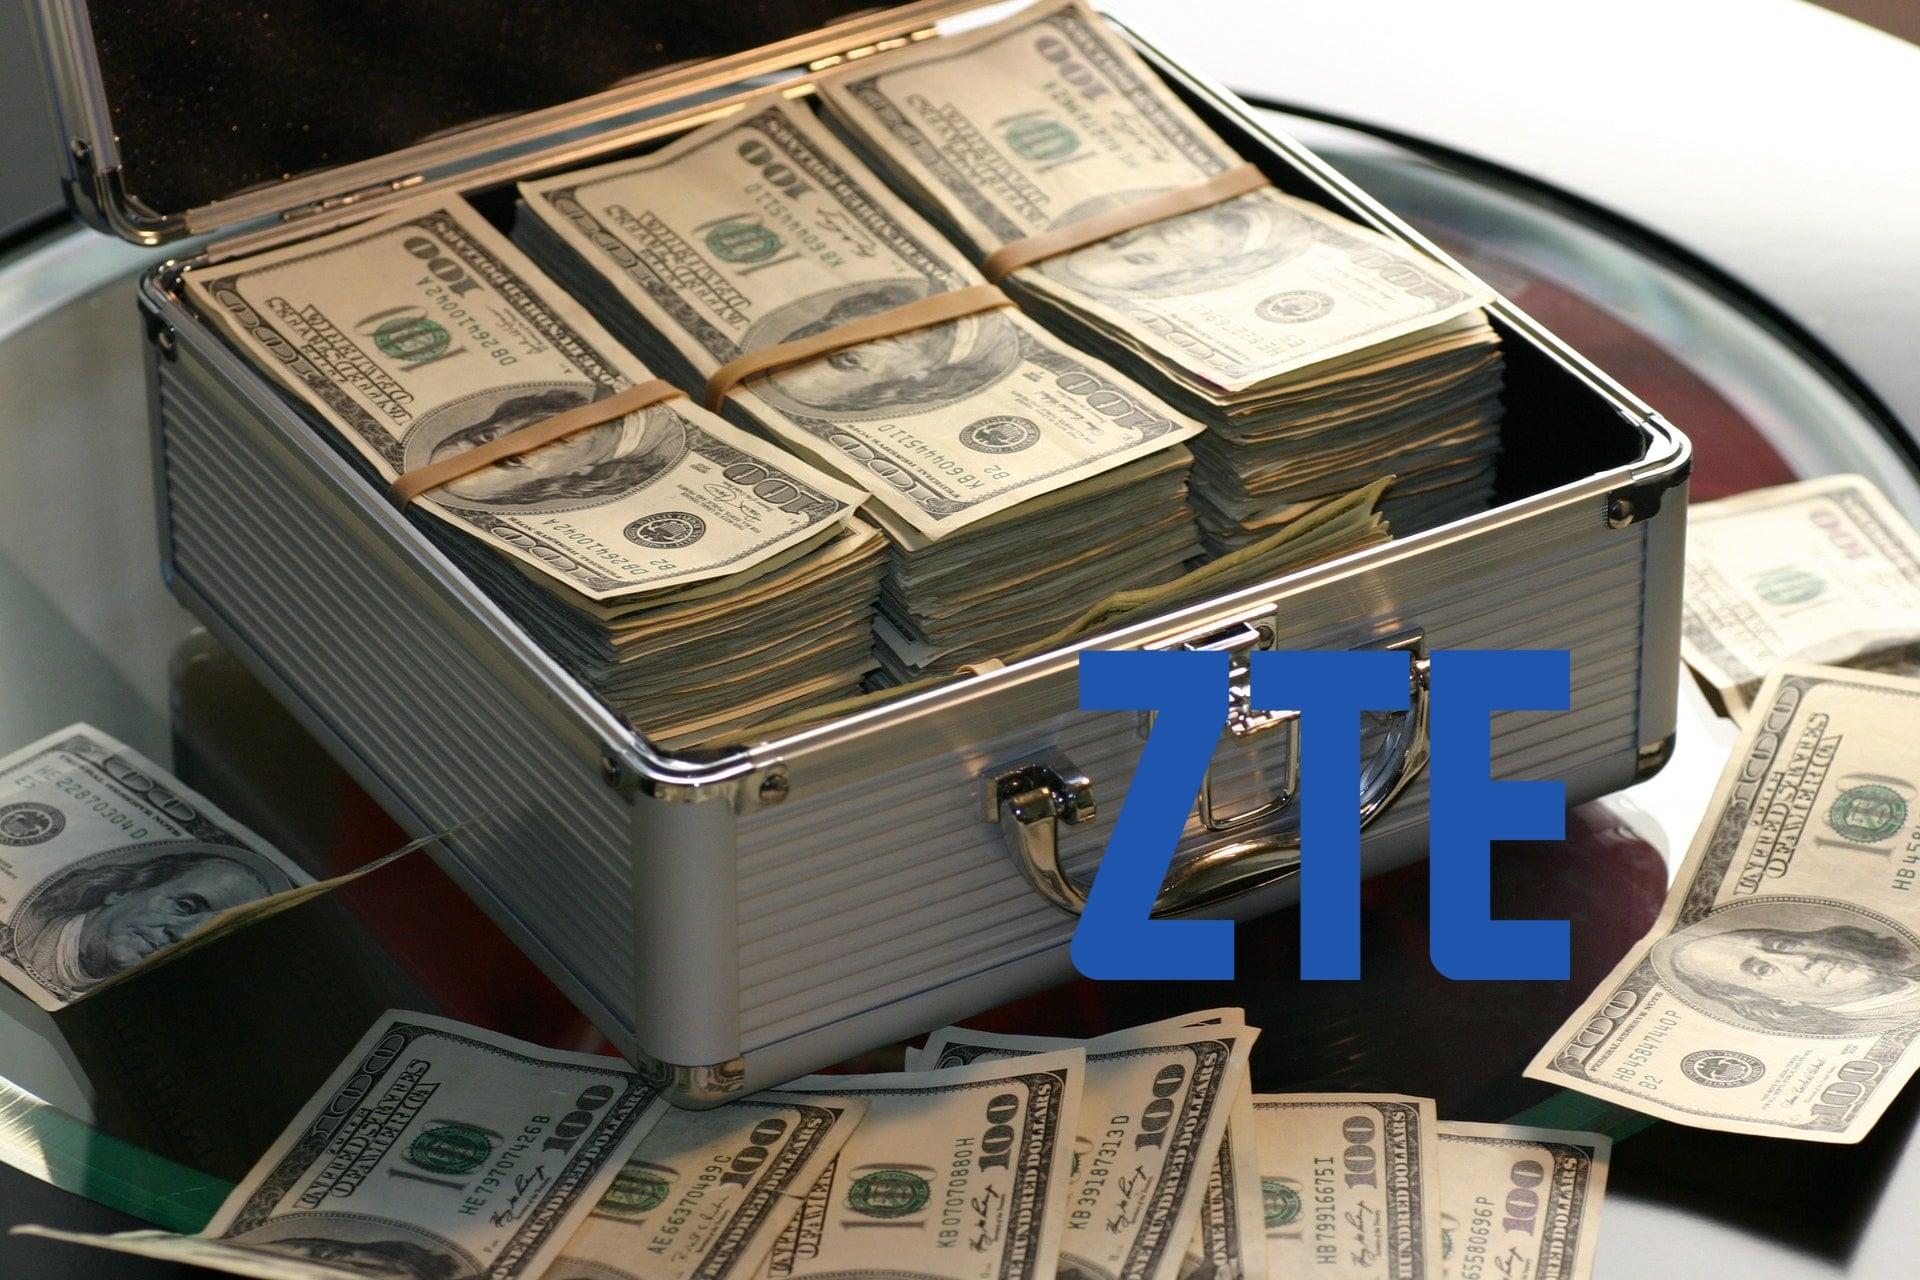 ZTE uratowane - Stany Zjednoczone zniosły zakaz handlowania z amerykańskimi firmami 20